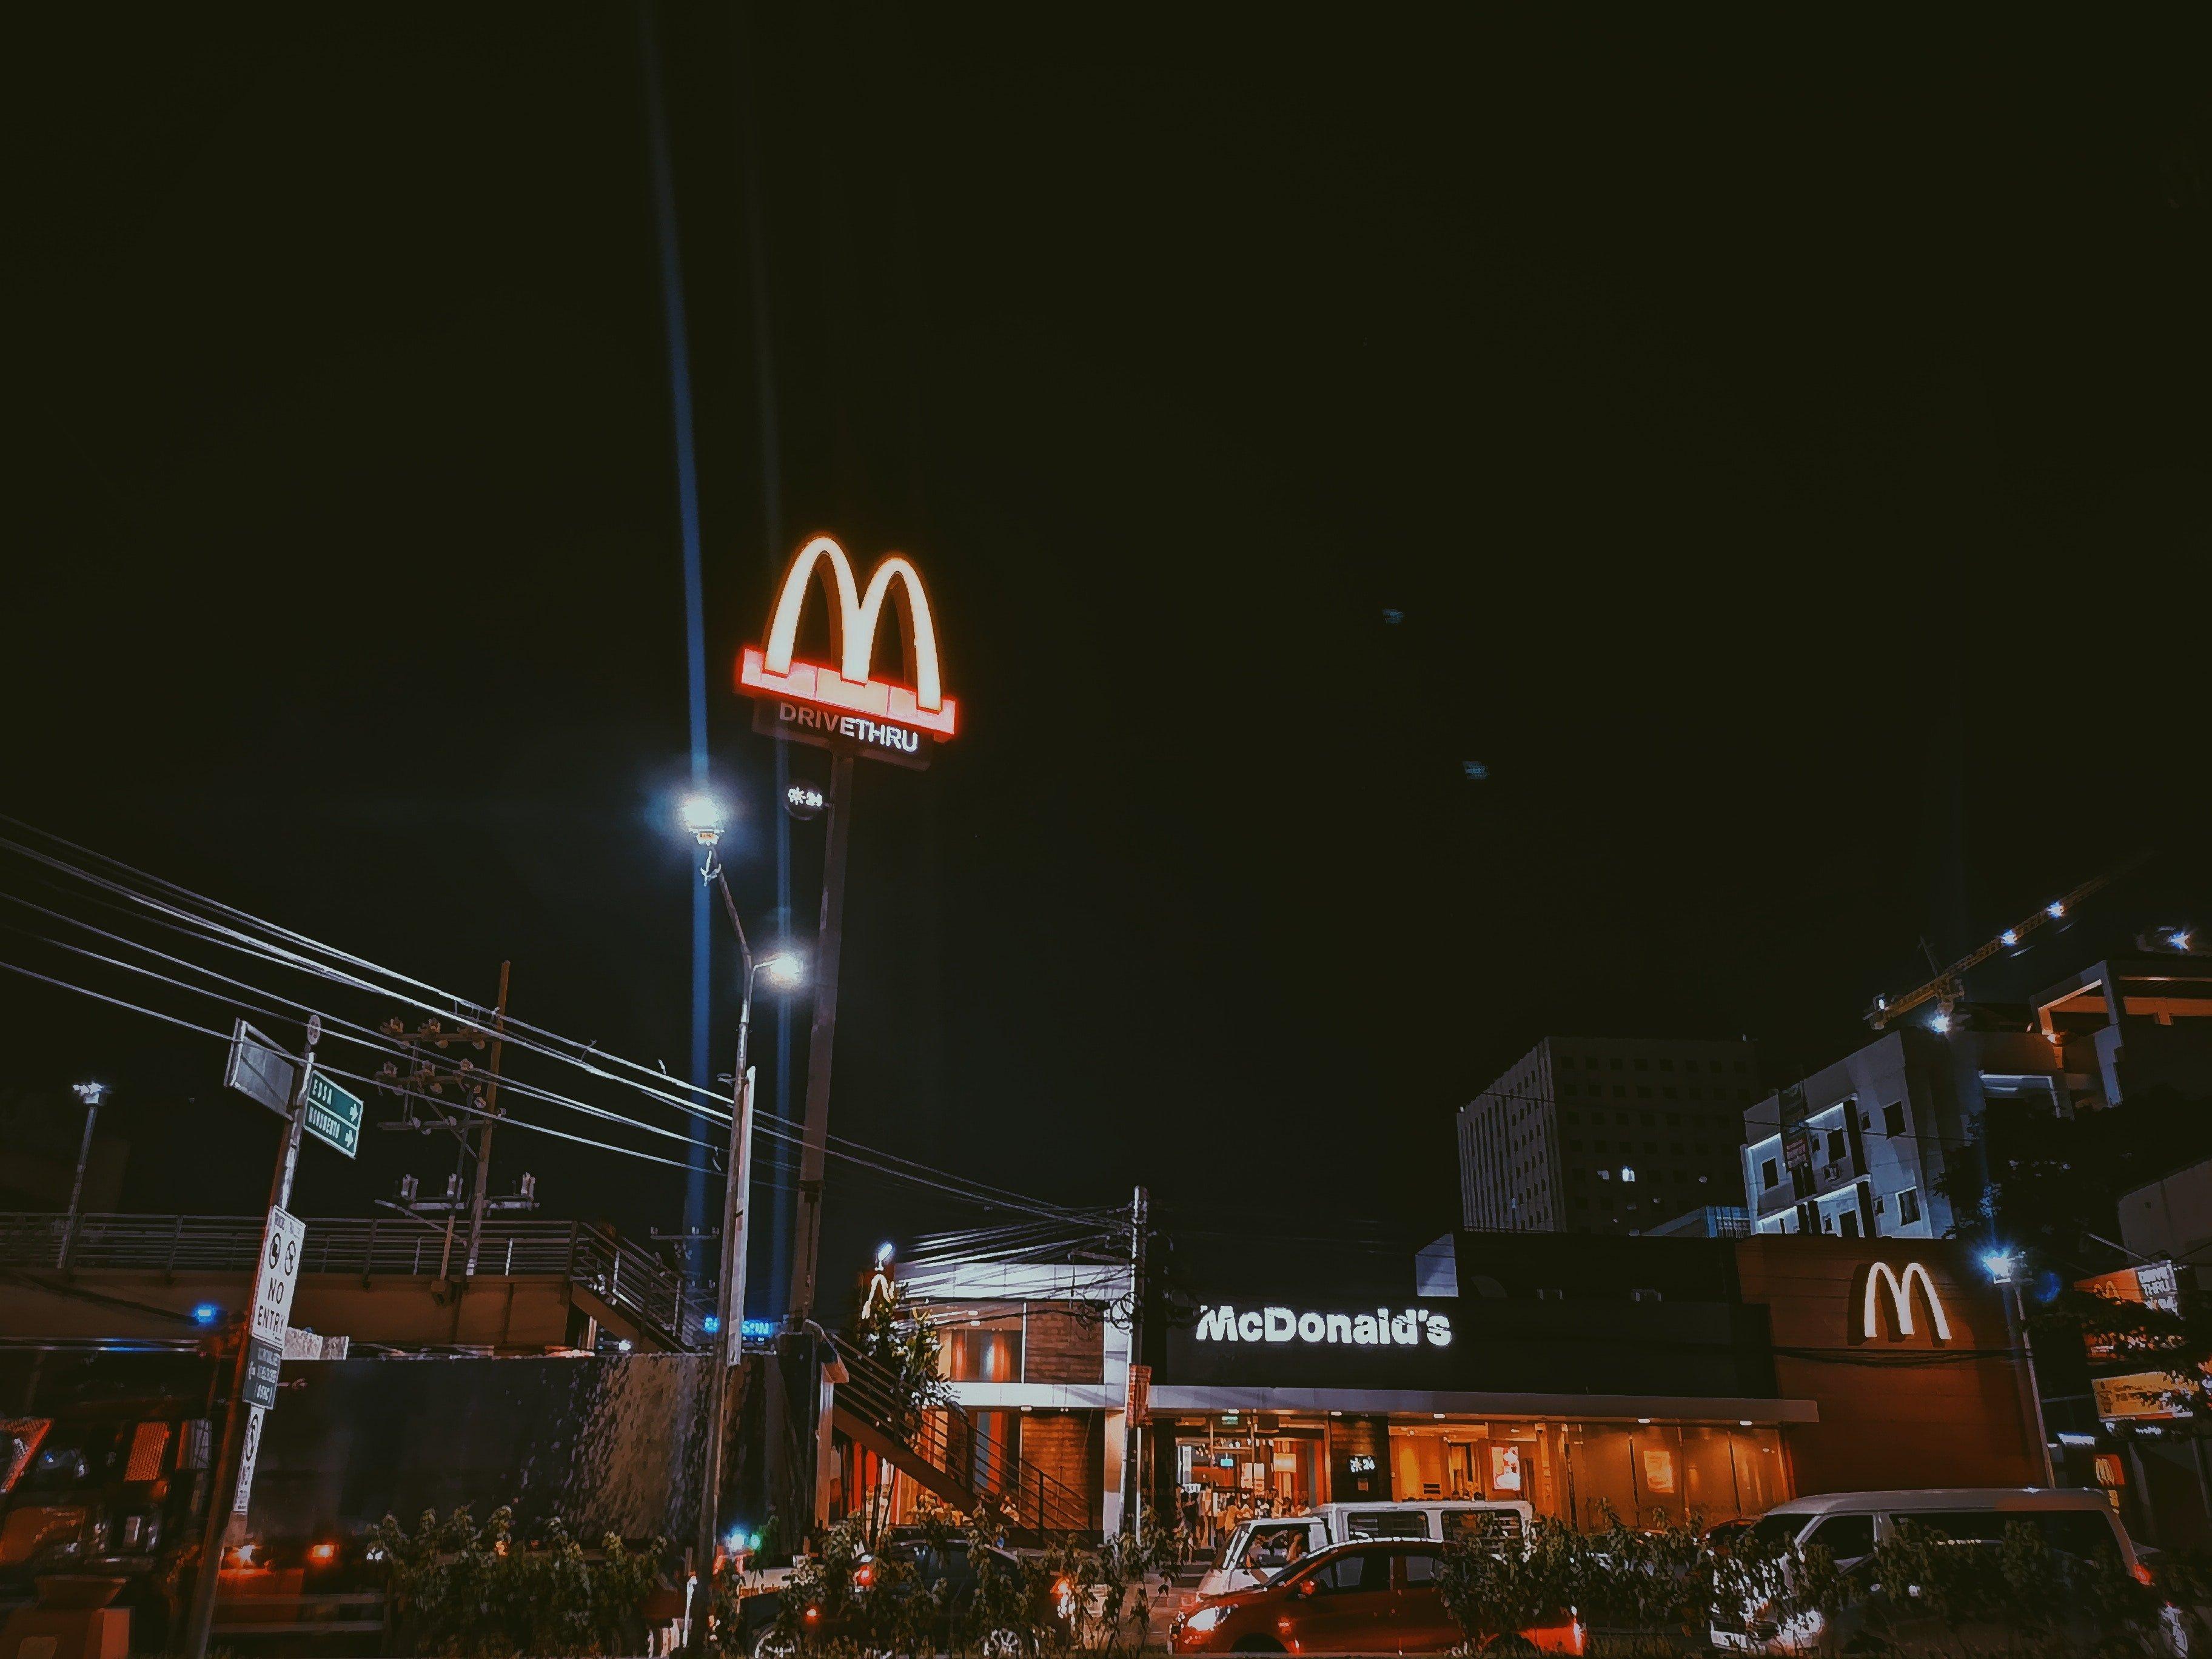 McDonald's de noche. | Imagen: Pexels